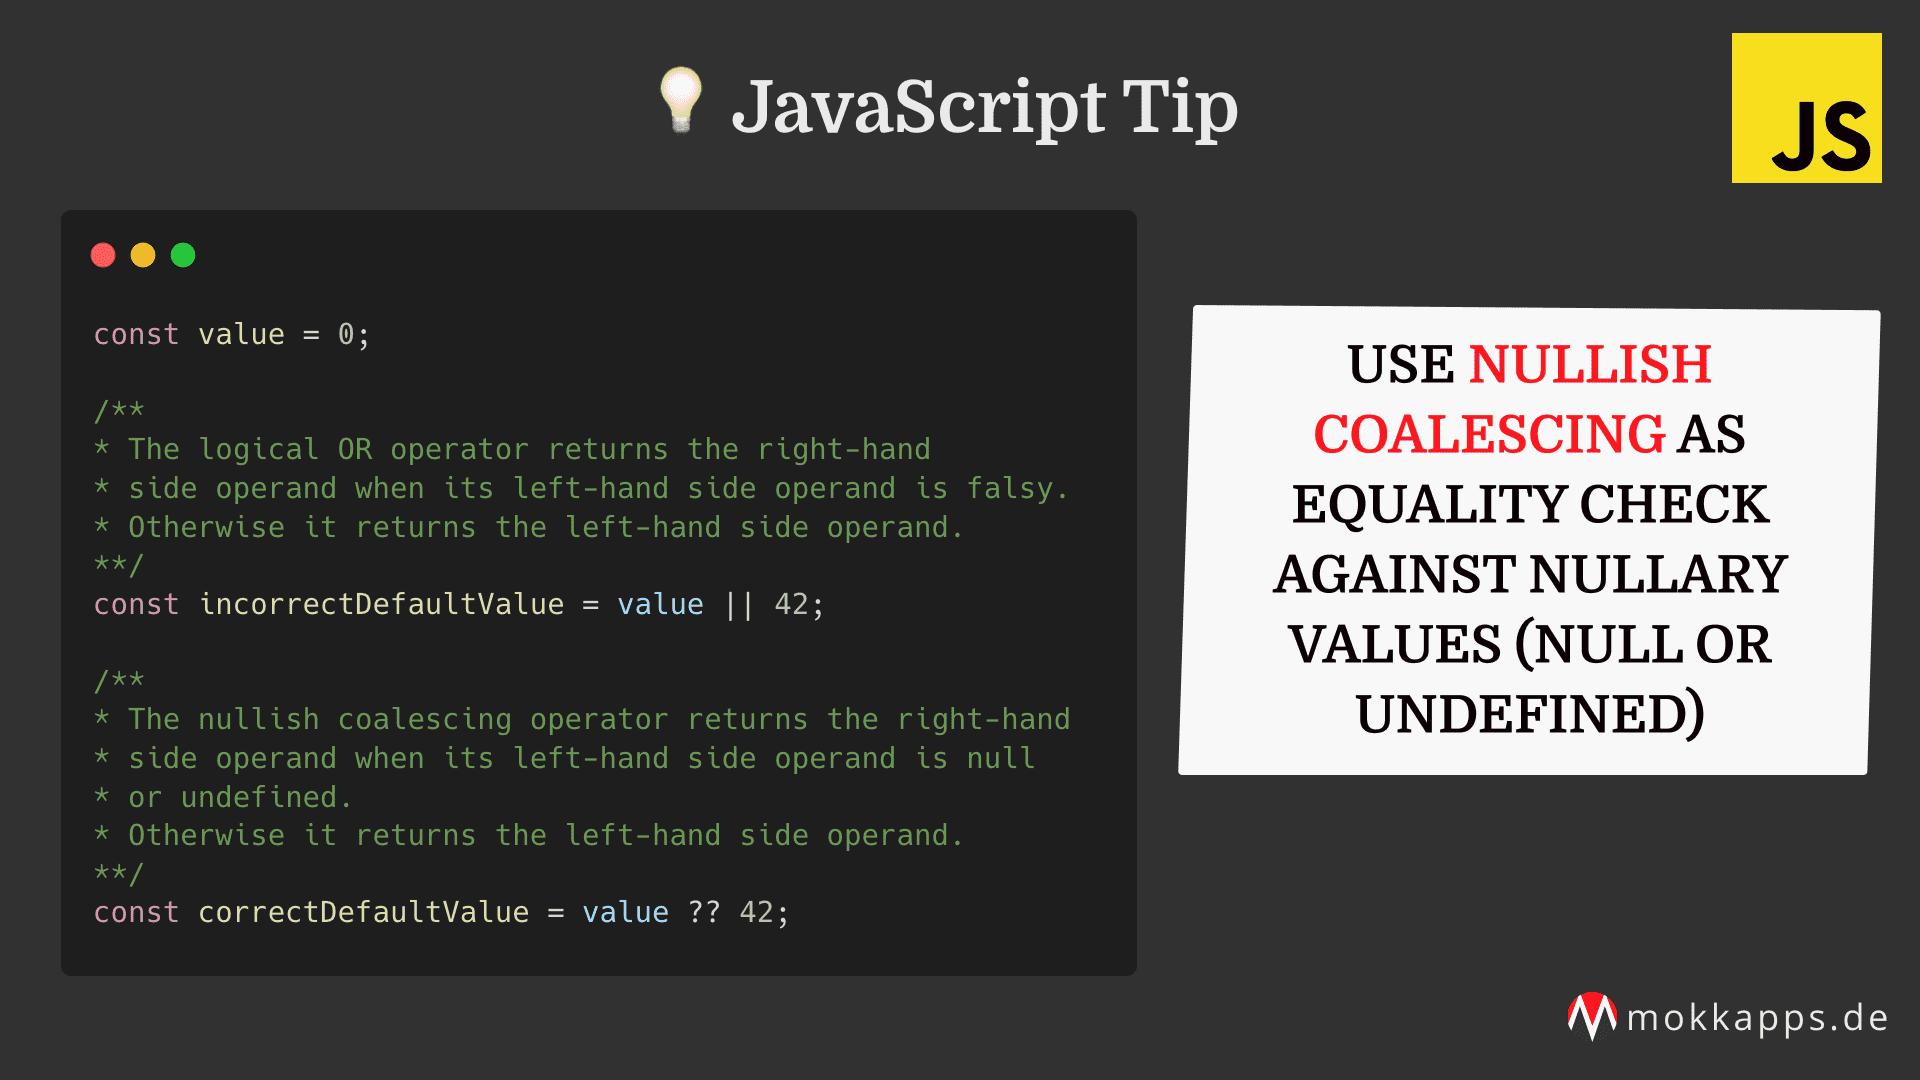 Mokkapps Tip Image